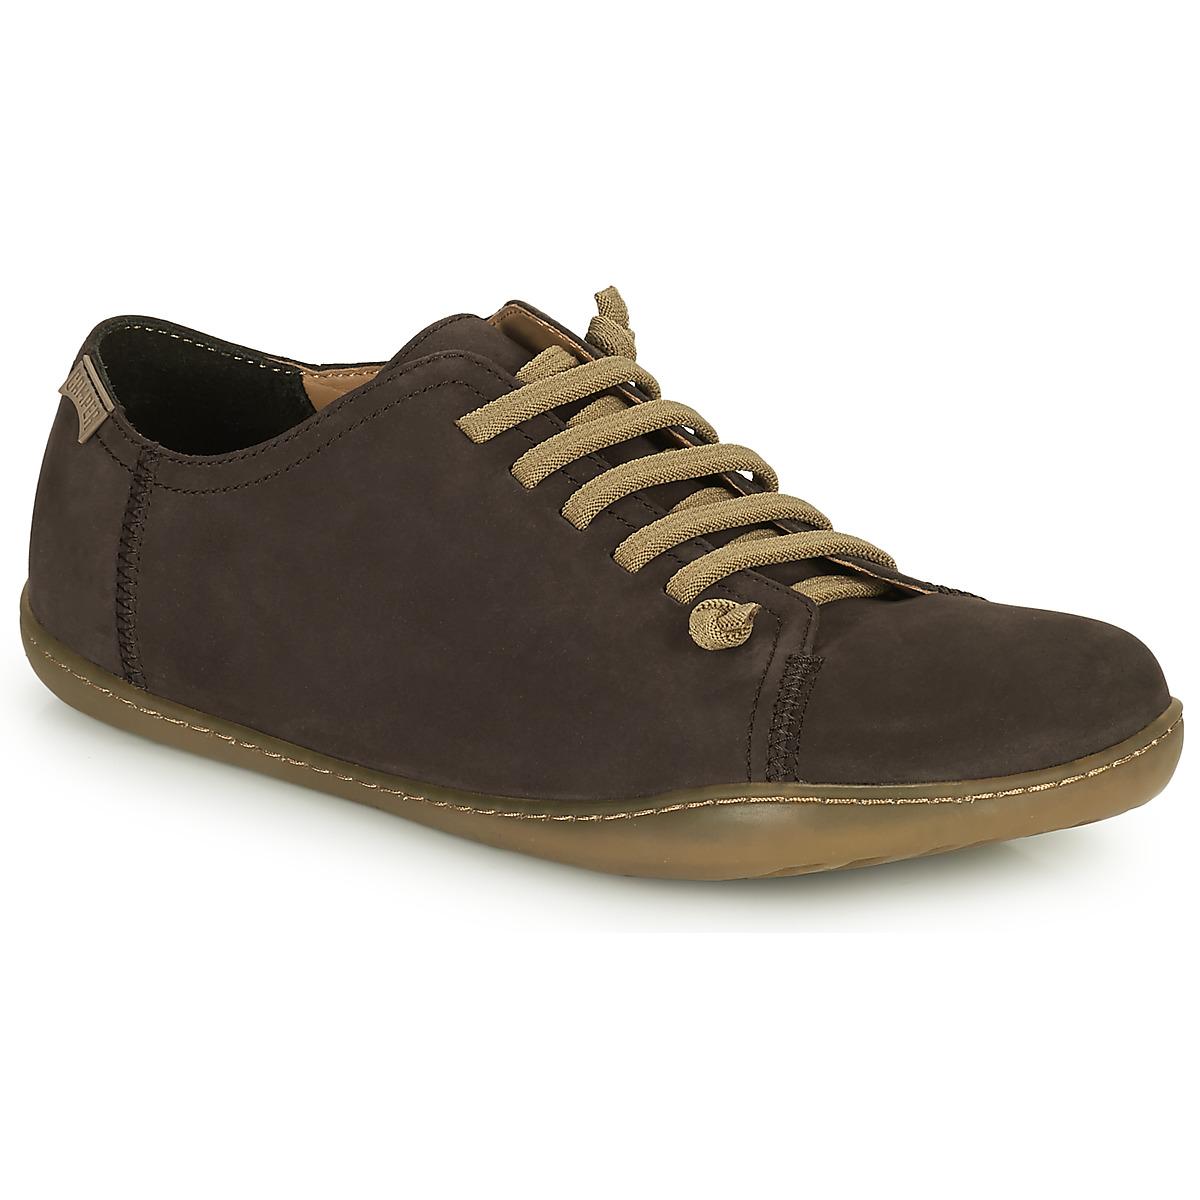 Camper PEU CAMI Marron - Livraison Gratuite avec Spartoo.com ! - Chaussures  Derbies Homme 128,00 € 312c52325bc4